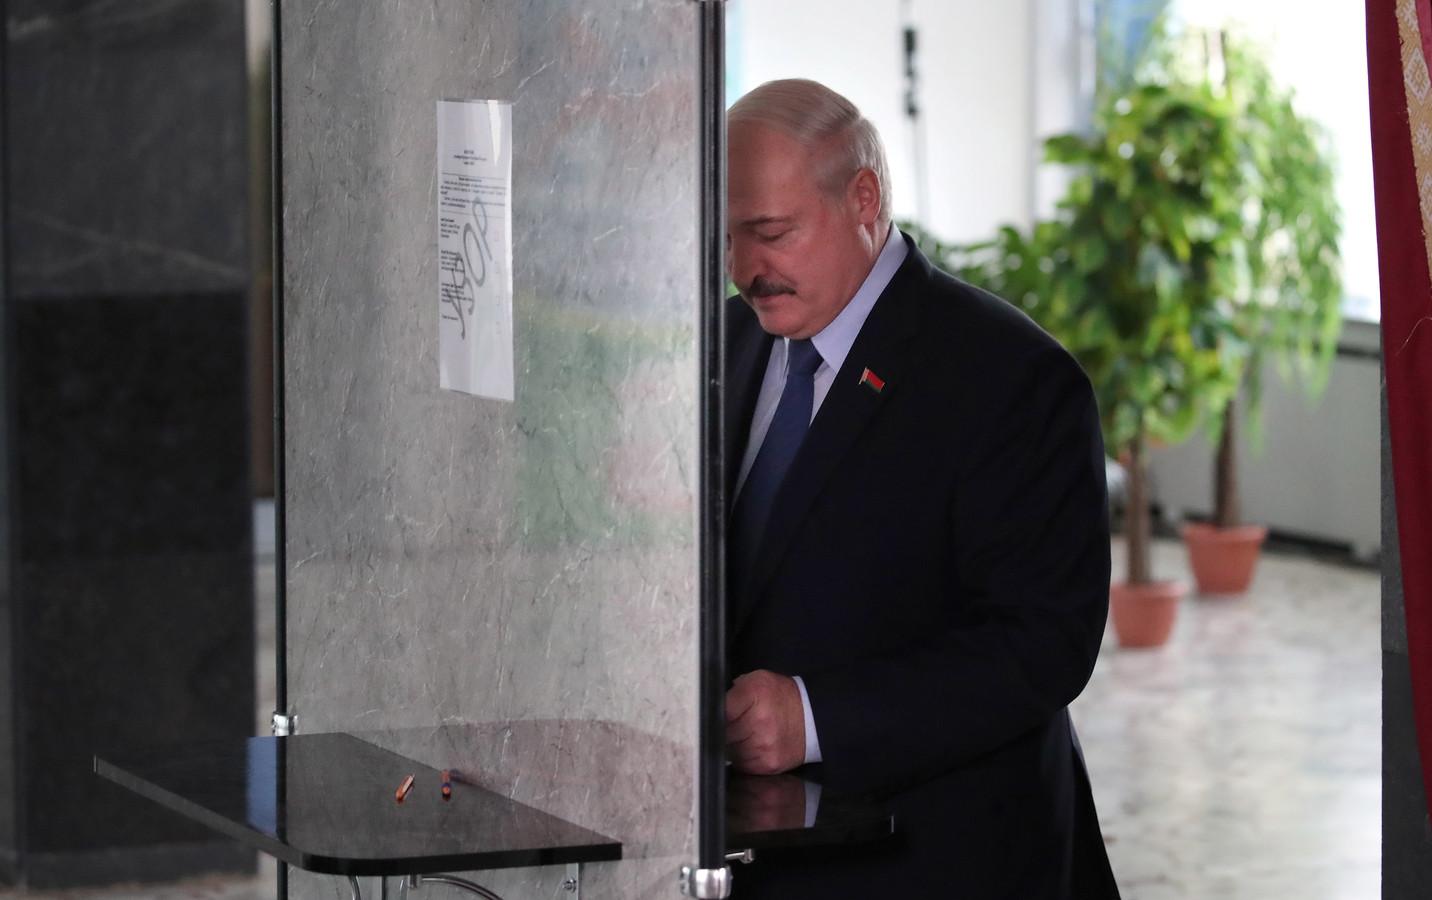 President Aleksandr Loekasjenko brengt zijn stem uit tijdens de verkiezingen in Wit-Rusland.